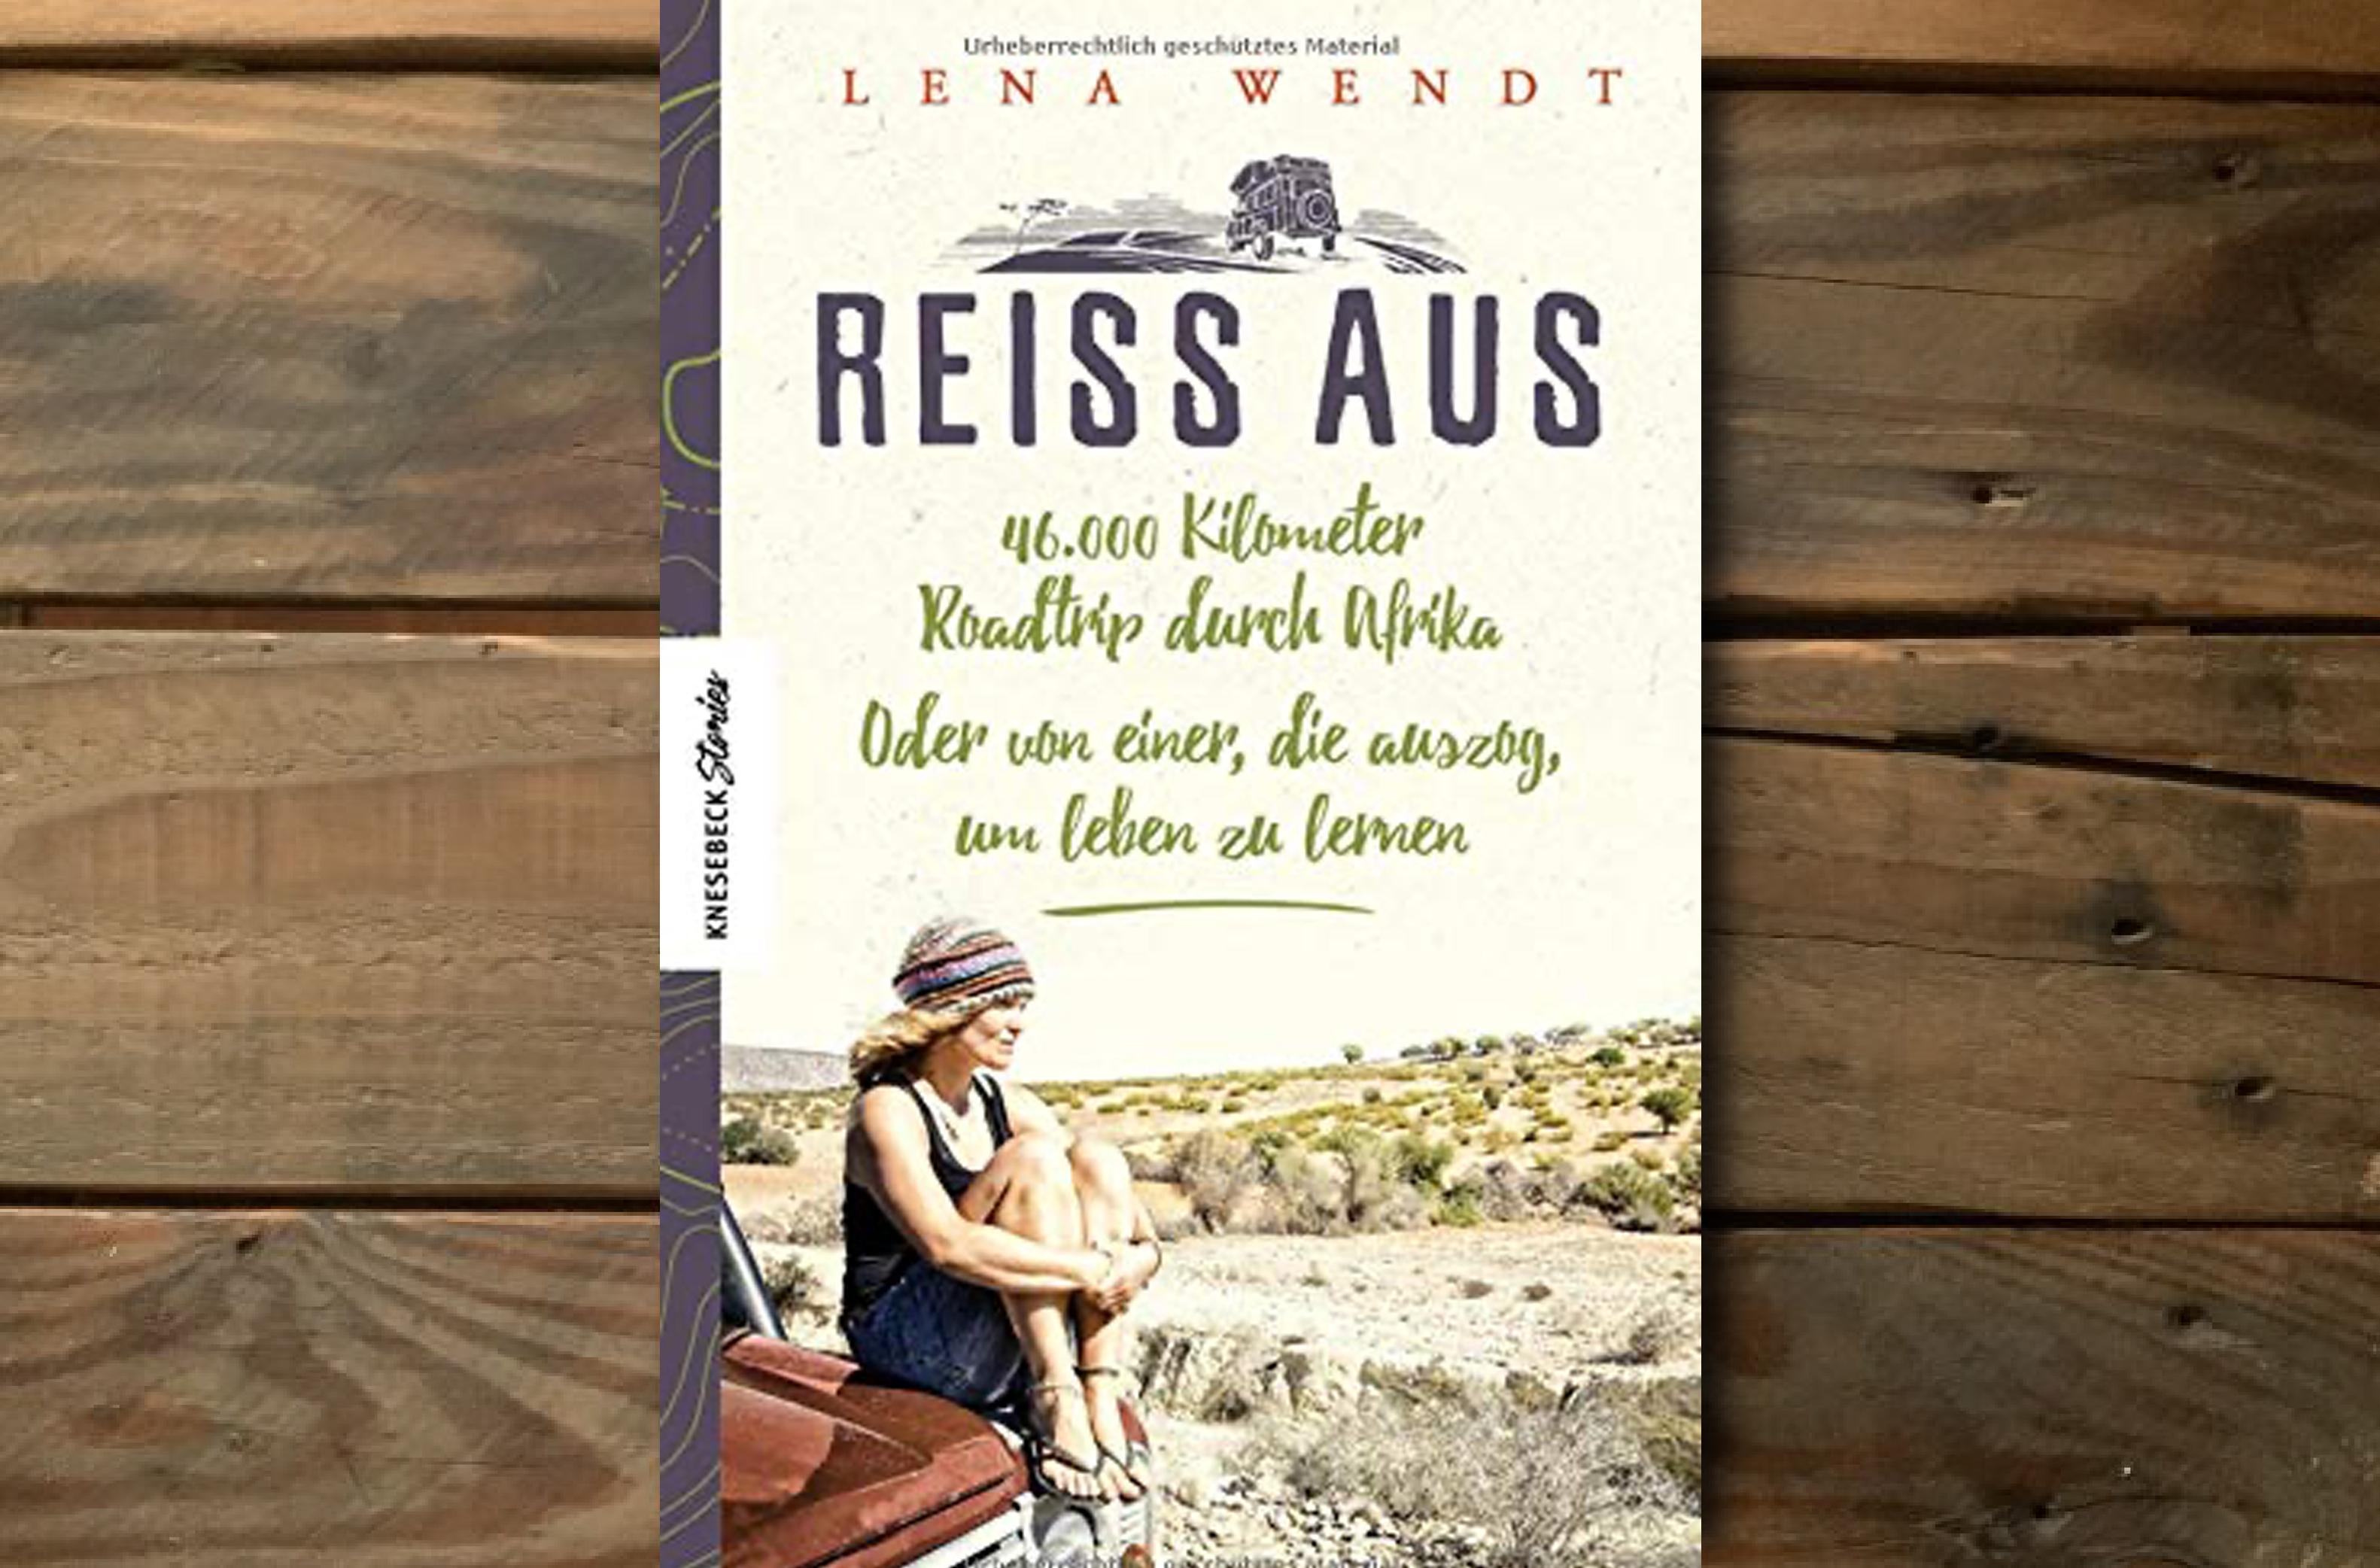 Buchvostellung Reiss aus von Lena Wendt